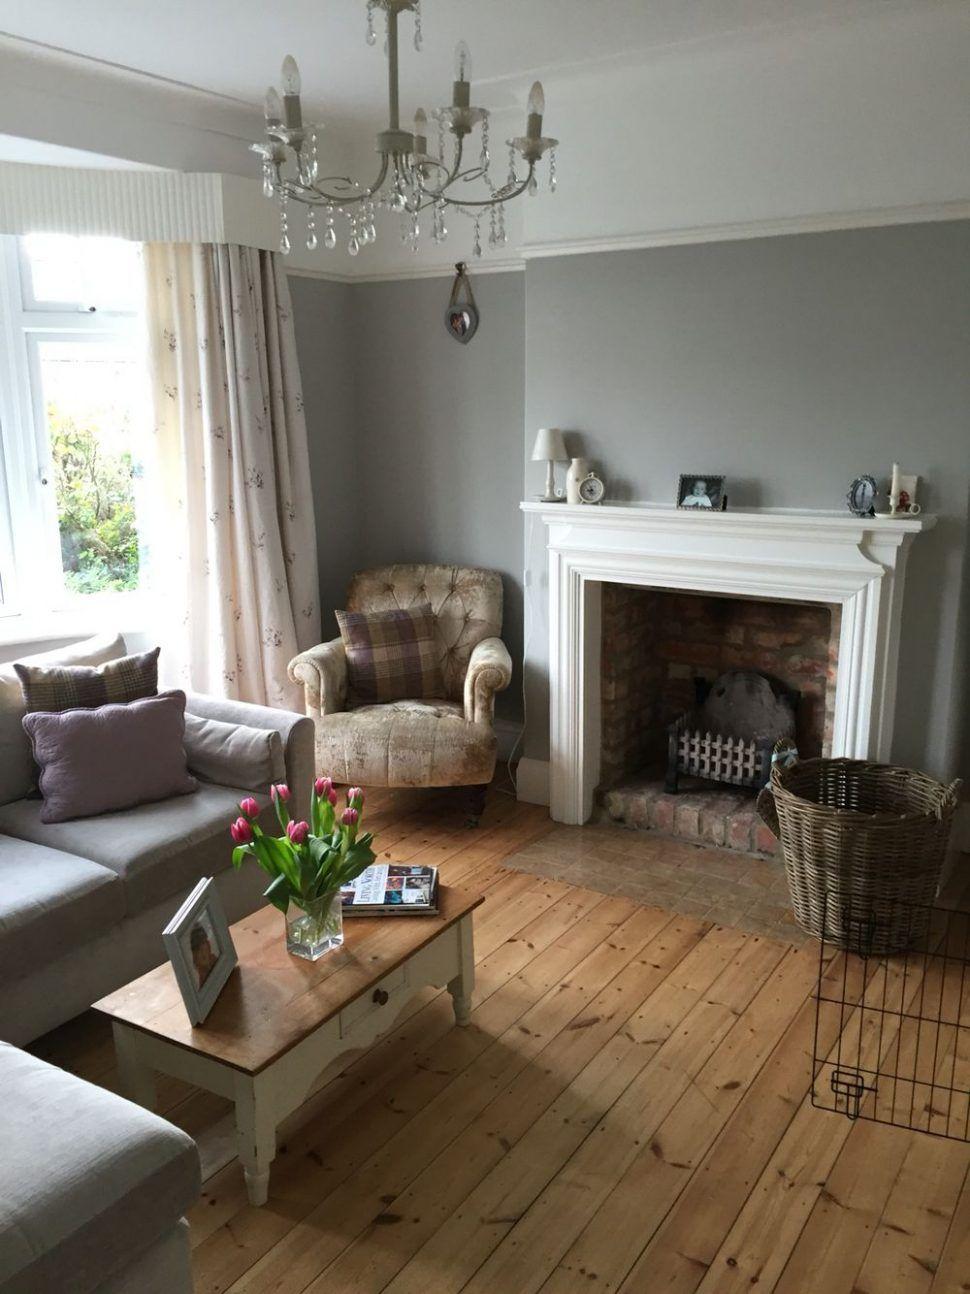 Interior Design Lounge Ideen Moderne Wohnzimmer Dekor Widersteht Die Einzelheiten Der Ornamentik Und Stattdessen De Wohnzimmer Modern Wohnzimmer Dekor Wohnen